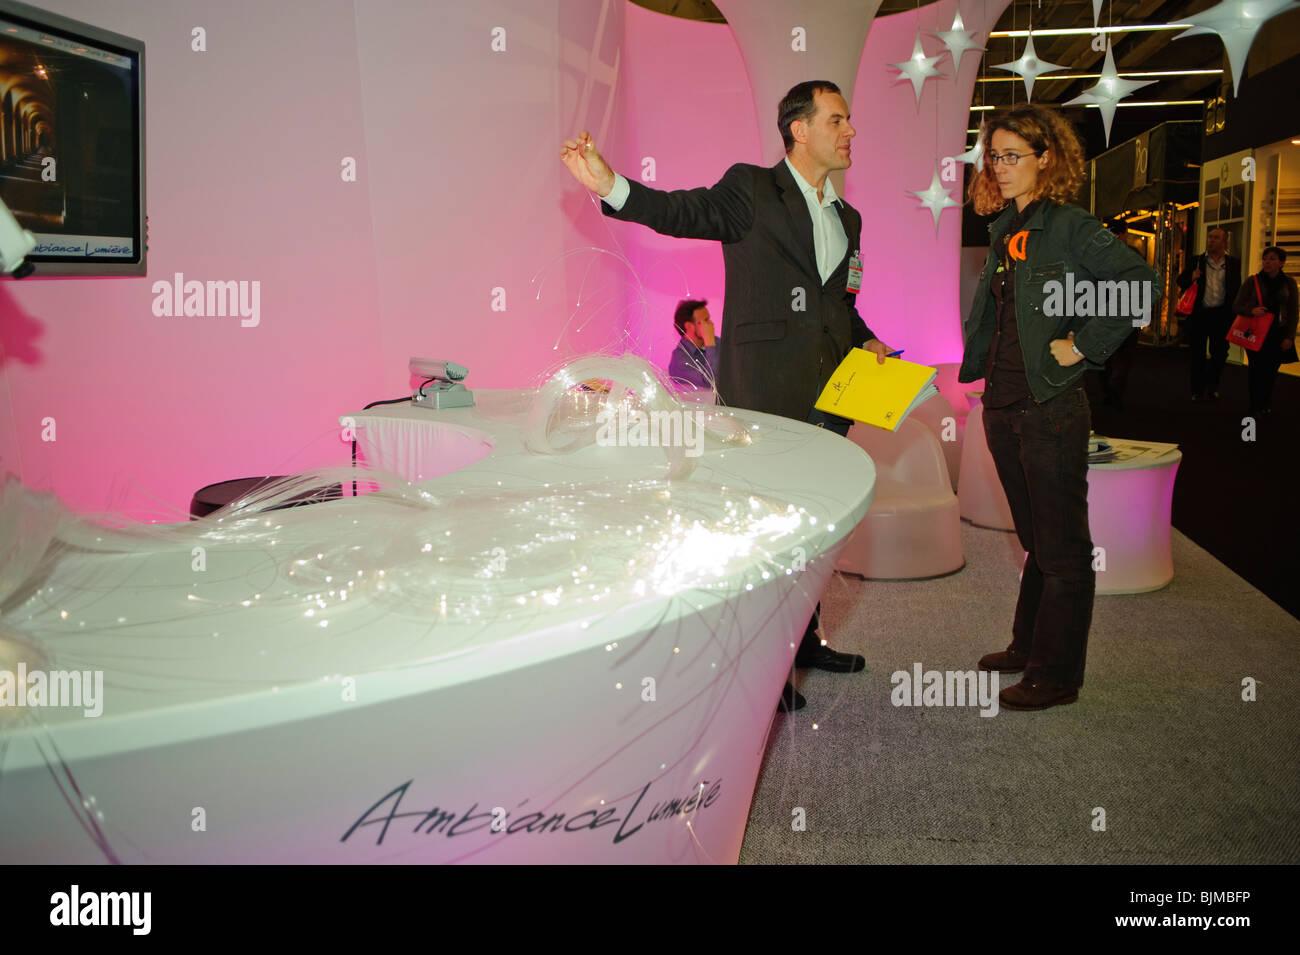 Paris, France, Shopping, matériel de construction, l'éclairage LED Co., Ambiance Lumiere, afficher Photo Stock